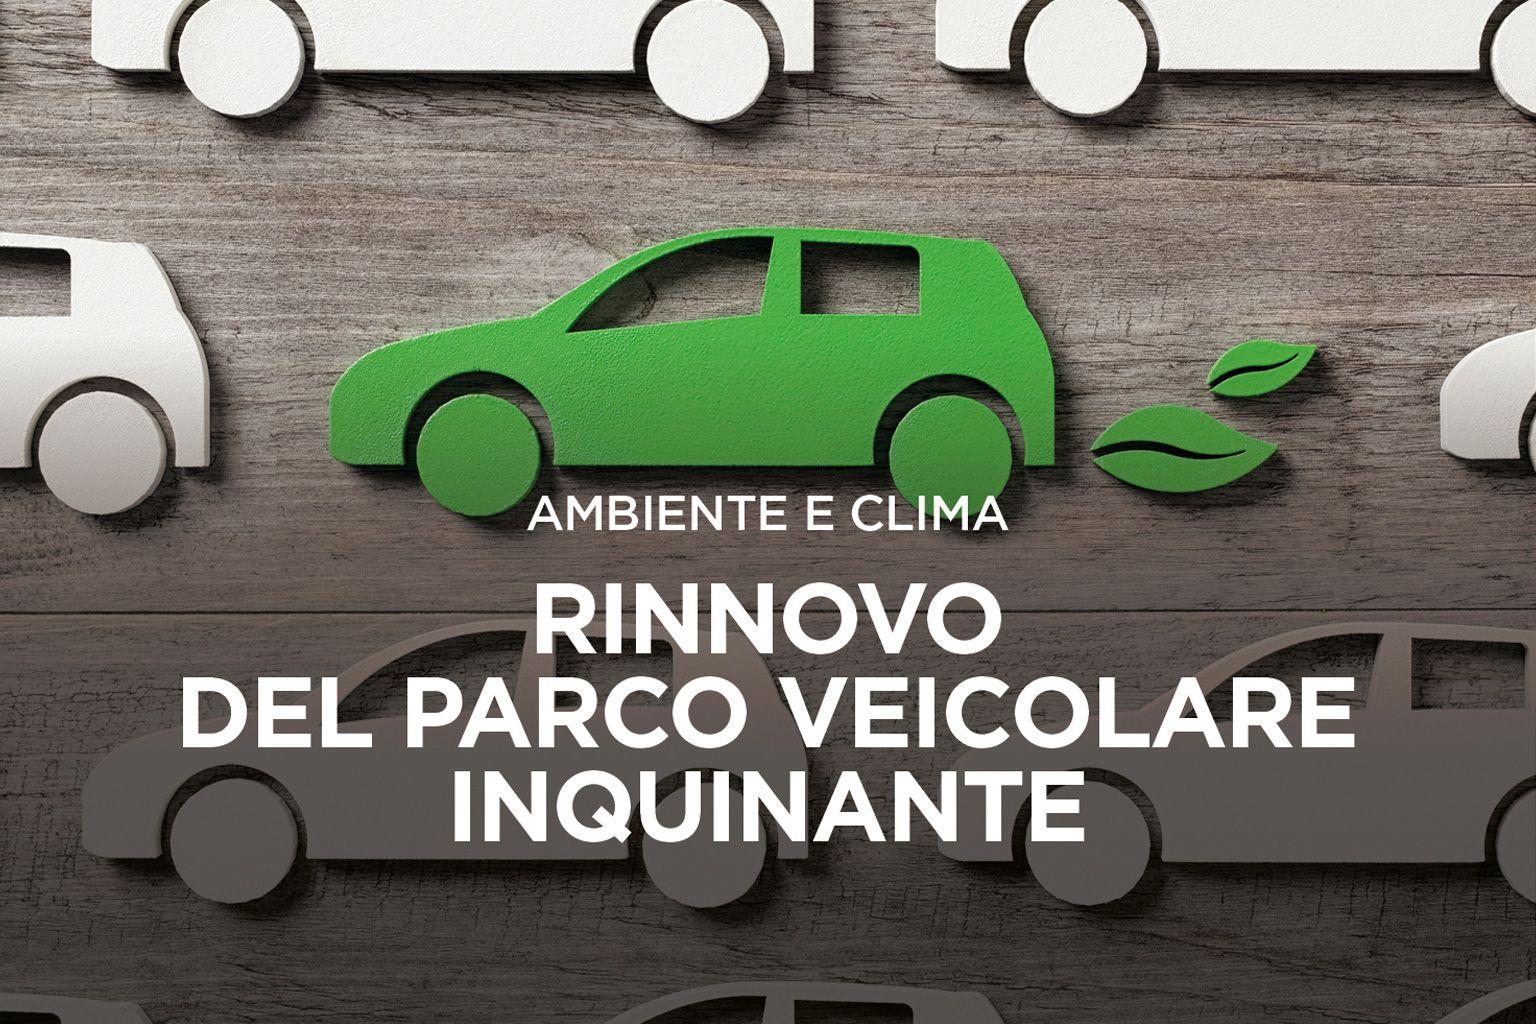 RINNOVO+DEL+PARCO+VEICOLARE+INQUINANTE_876